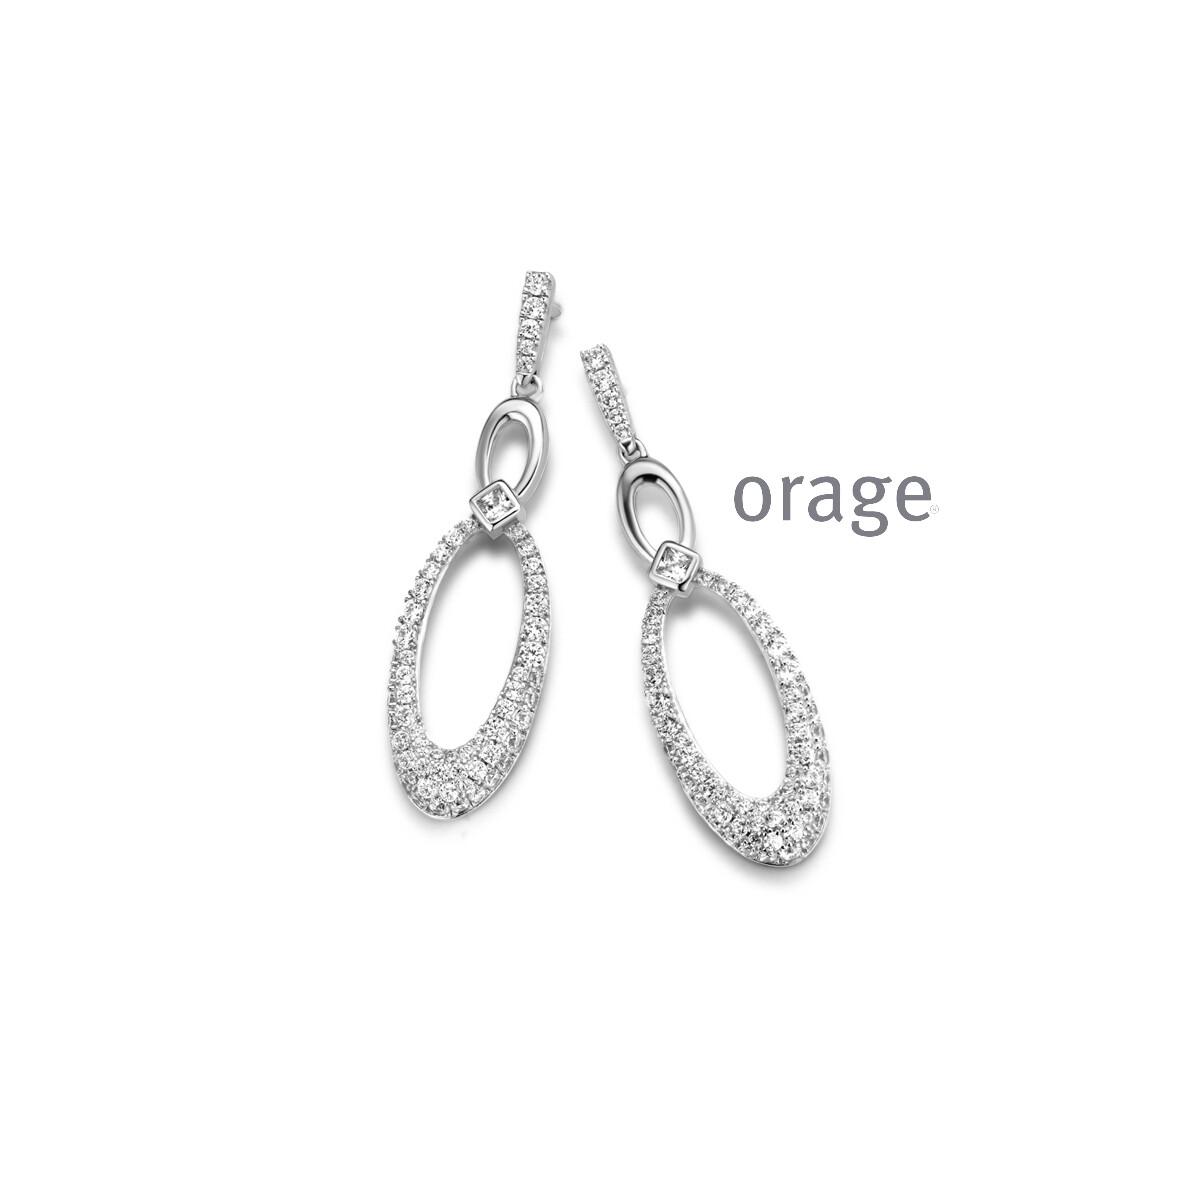 Boucles d'oreilles Orage AR166